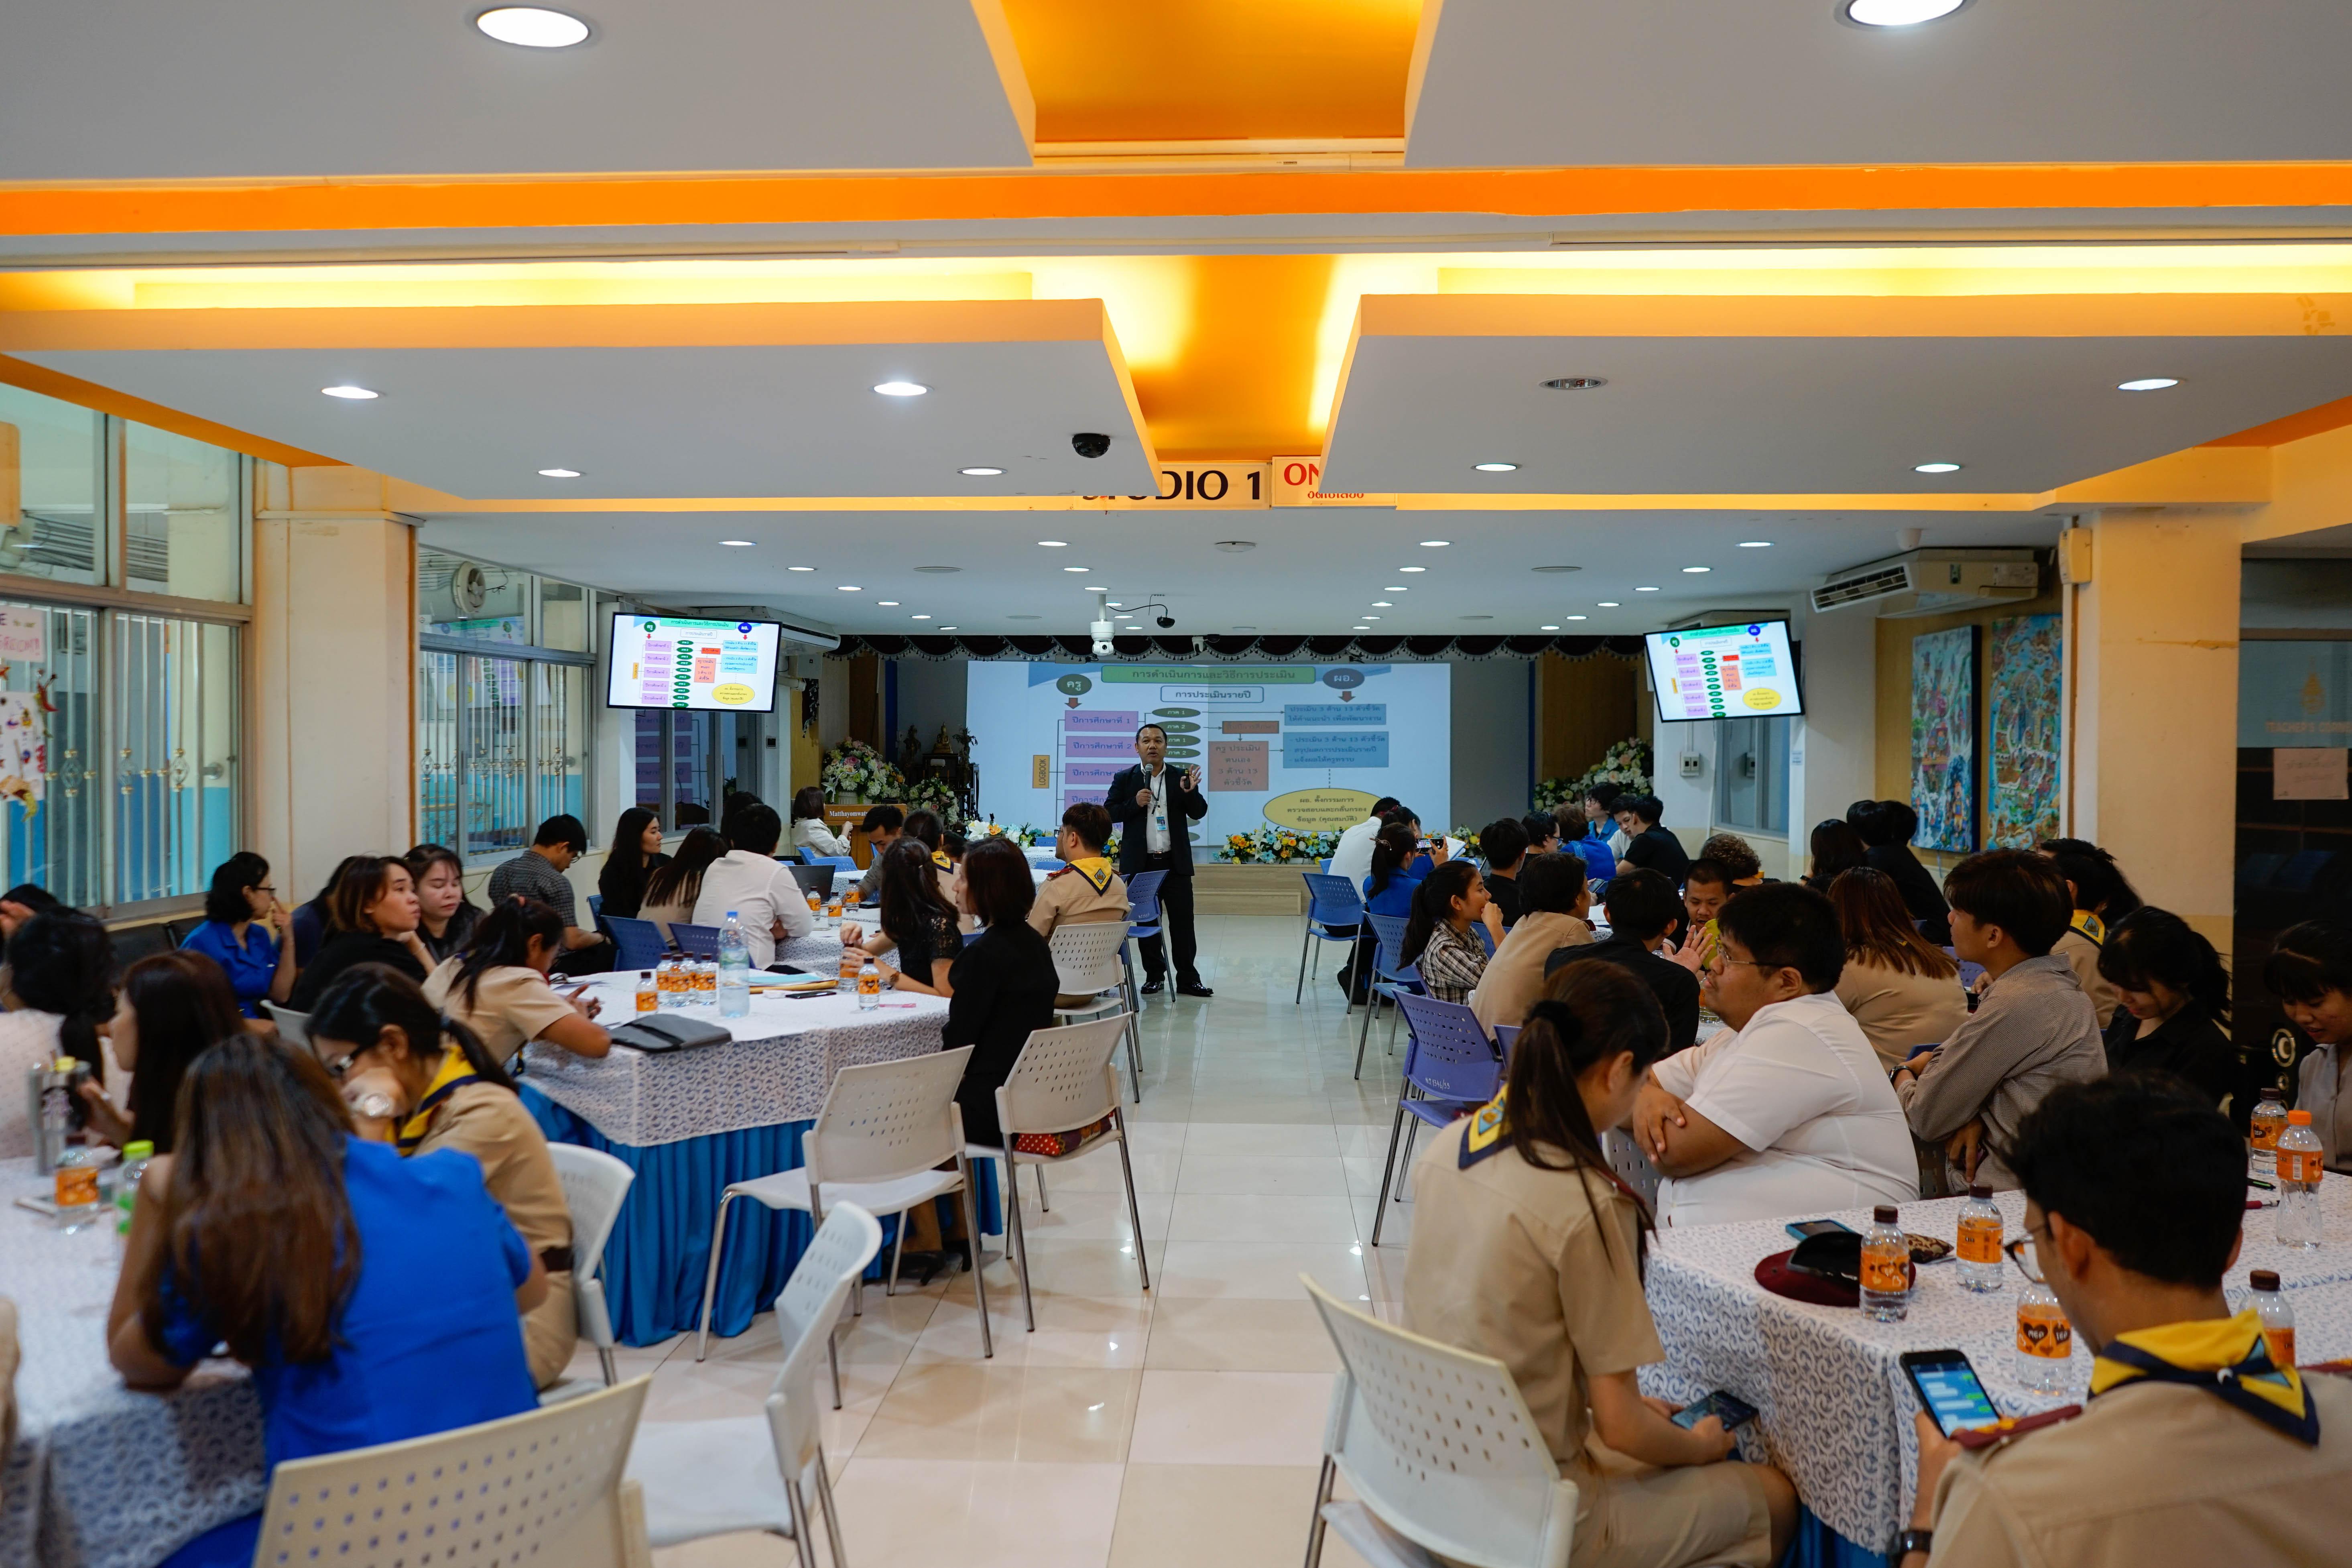 โรงเรียนมัธยมวัดนายโรงจัดการประชุมหัวข้อ  ชุมชนแห่งการเรียนรู้ทางวิชาชีพ (Professional Learning Community PLC)